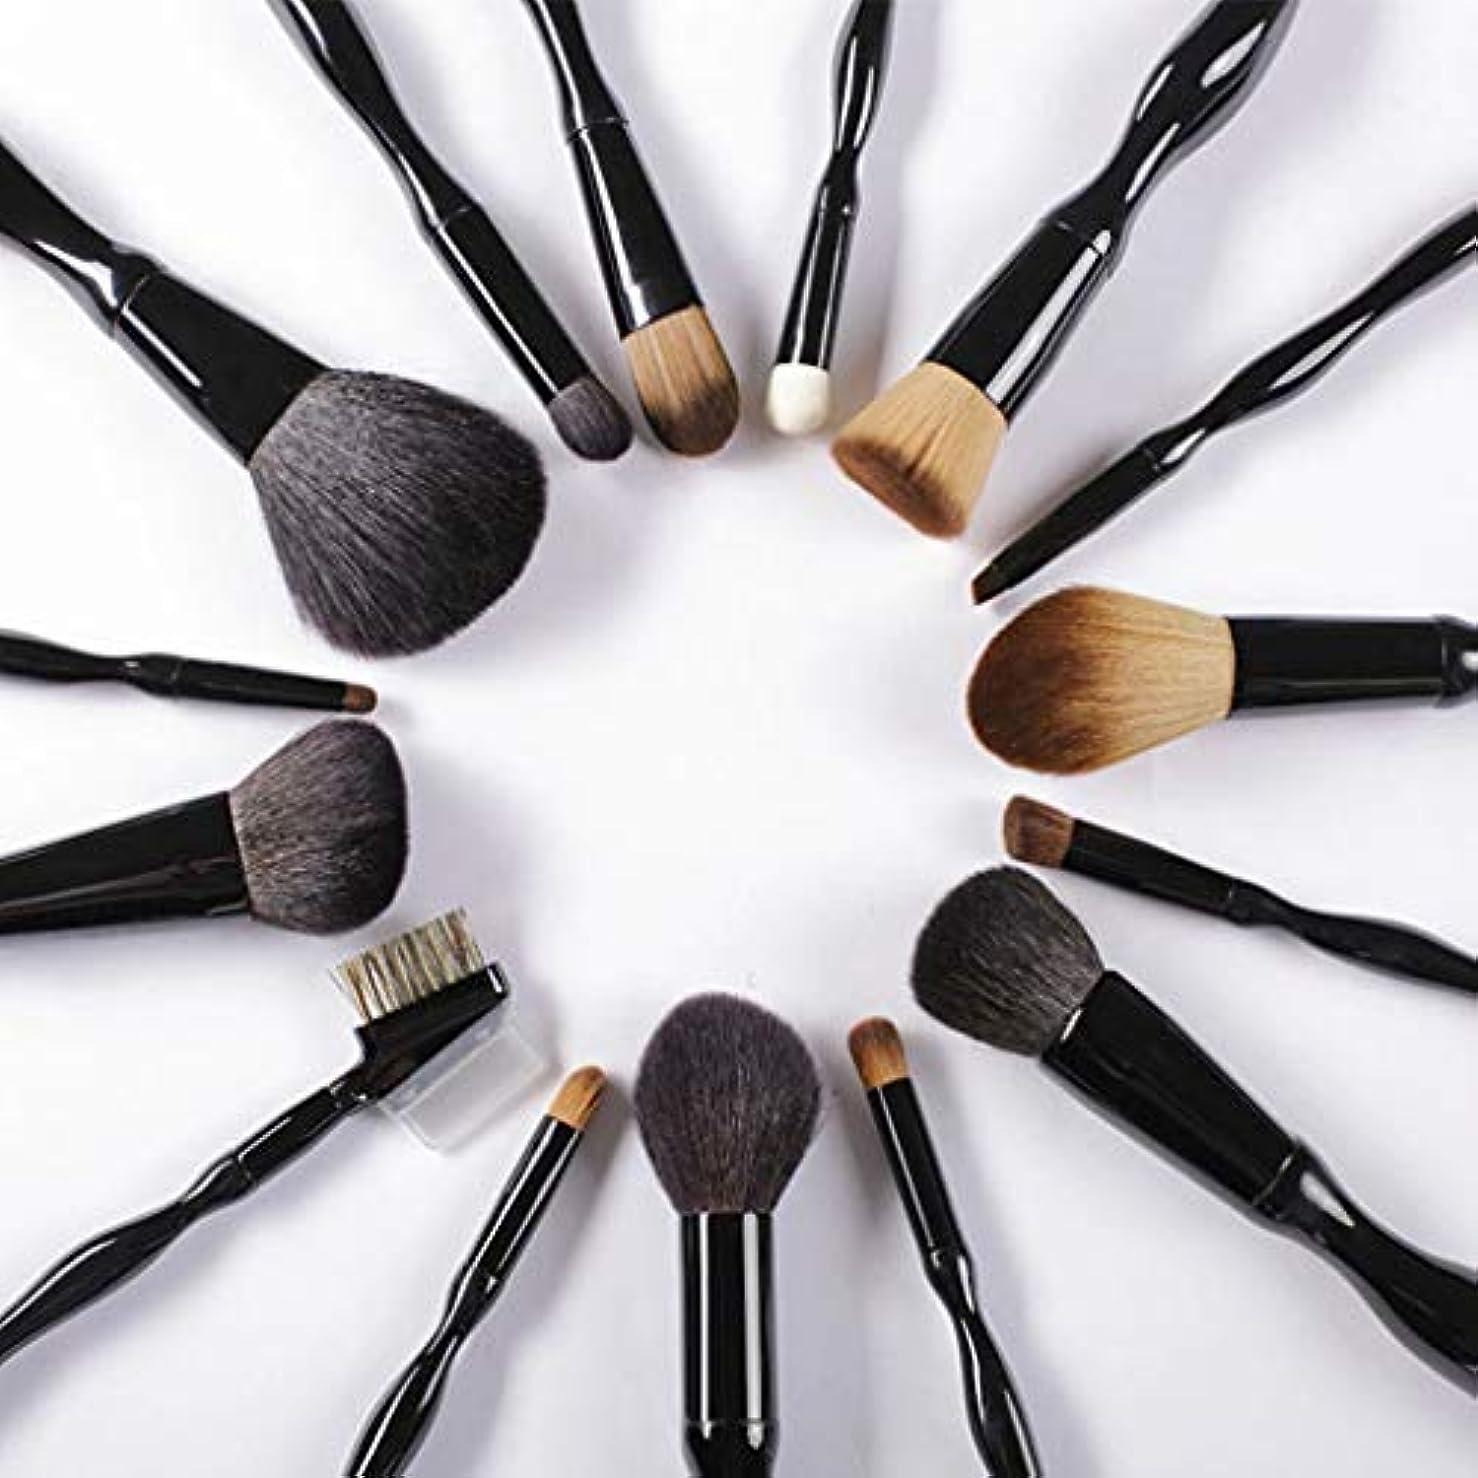 。大混乱立証する15化粧ブラシボディカーブファンデーションブラシ化粧ブラシ美容ツール